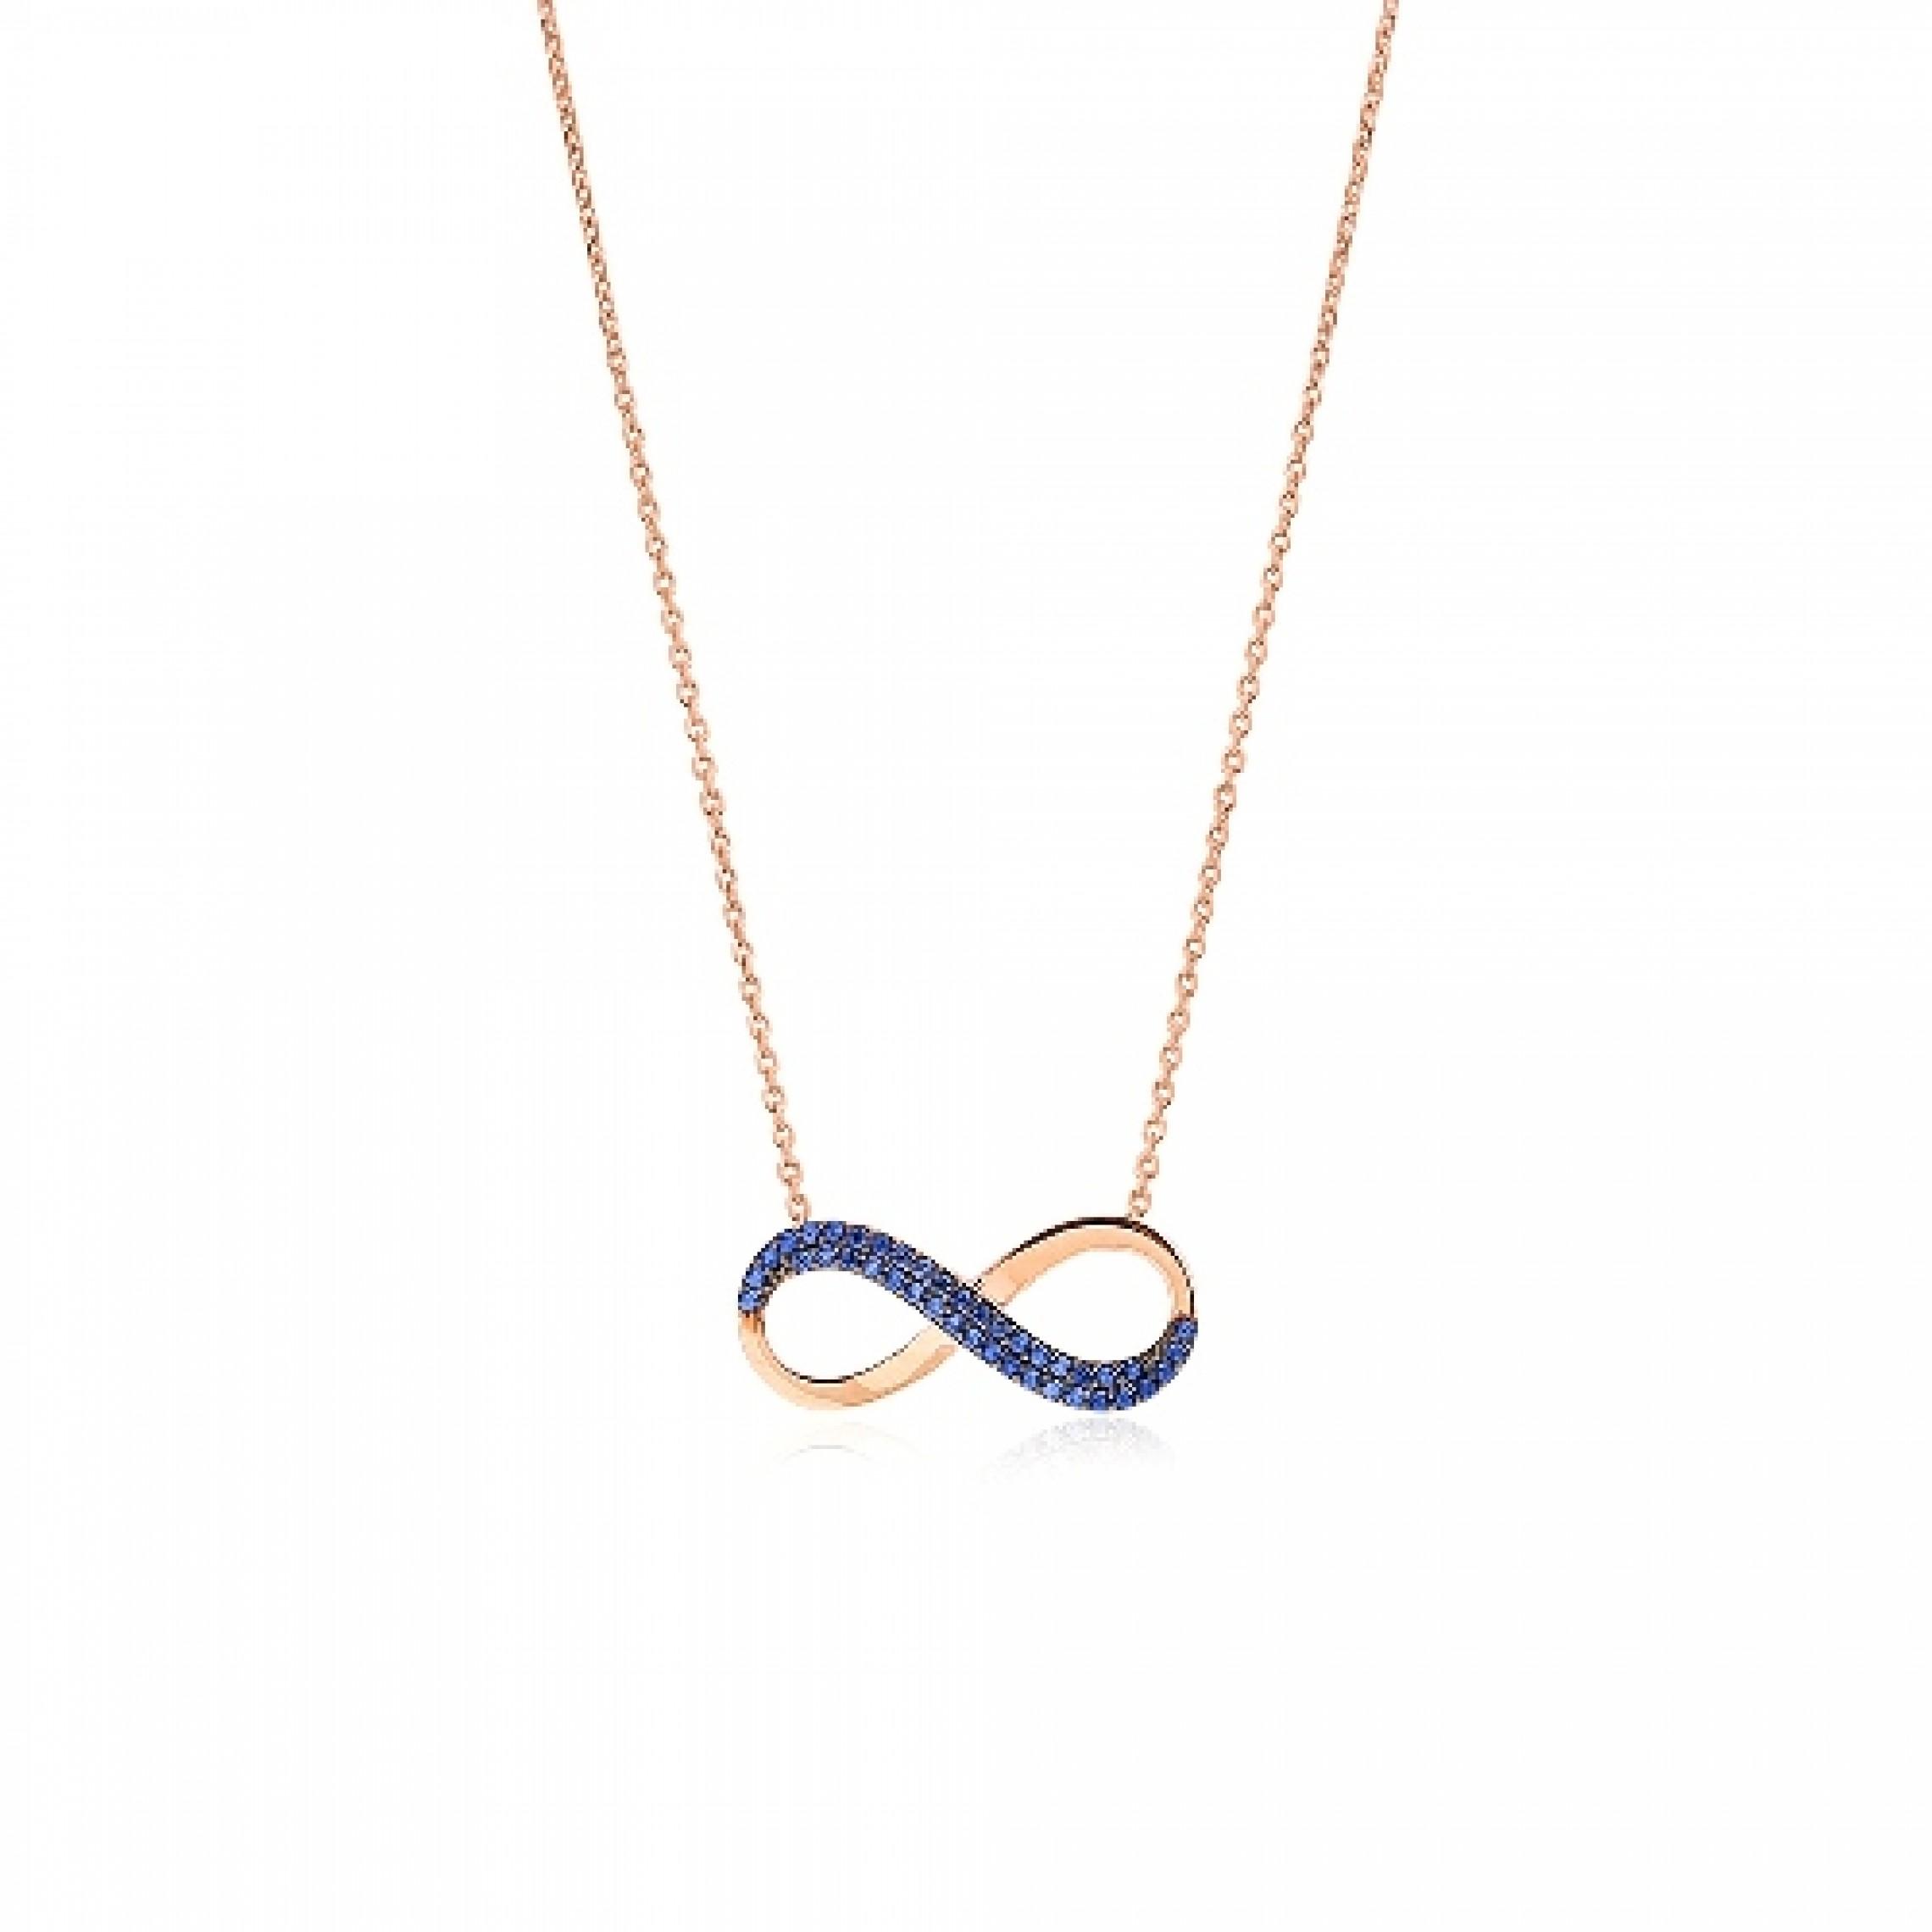 JN-190116 Evil Eye 925 Sterling Silver CZ Necklace Infinity